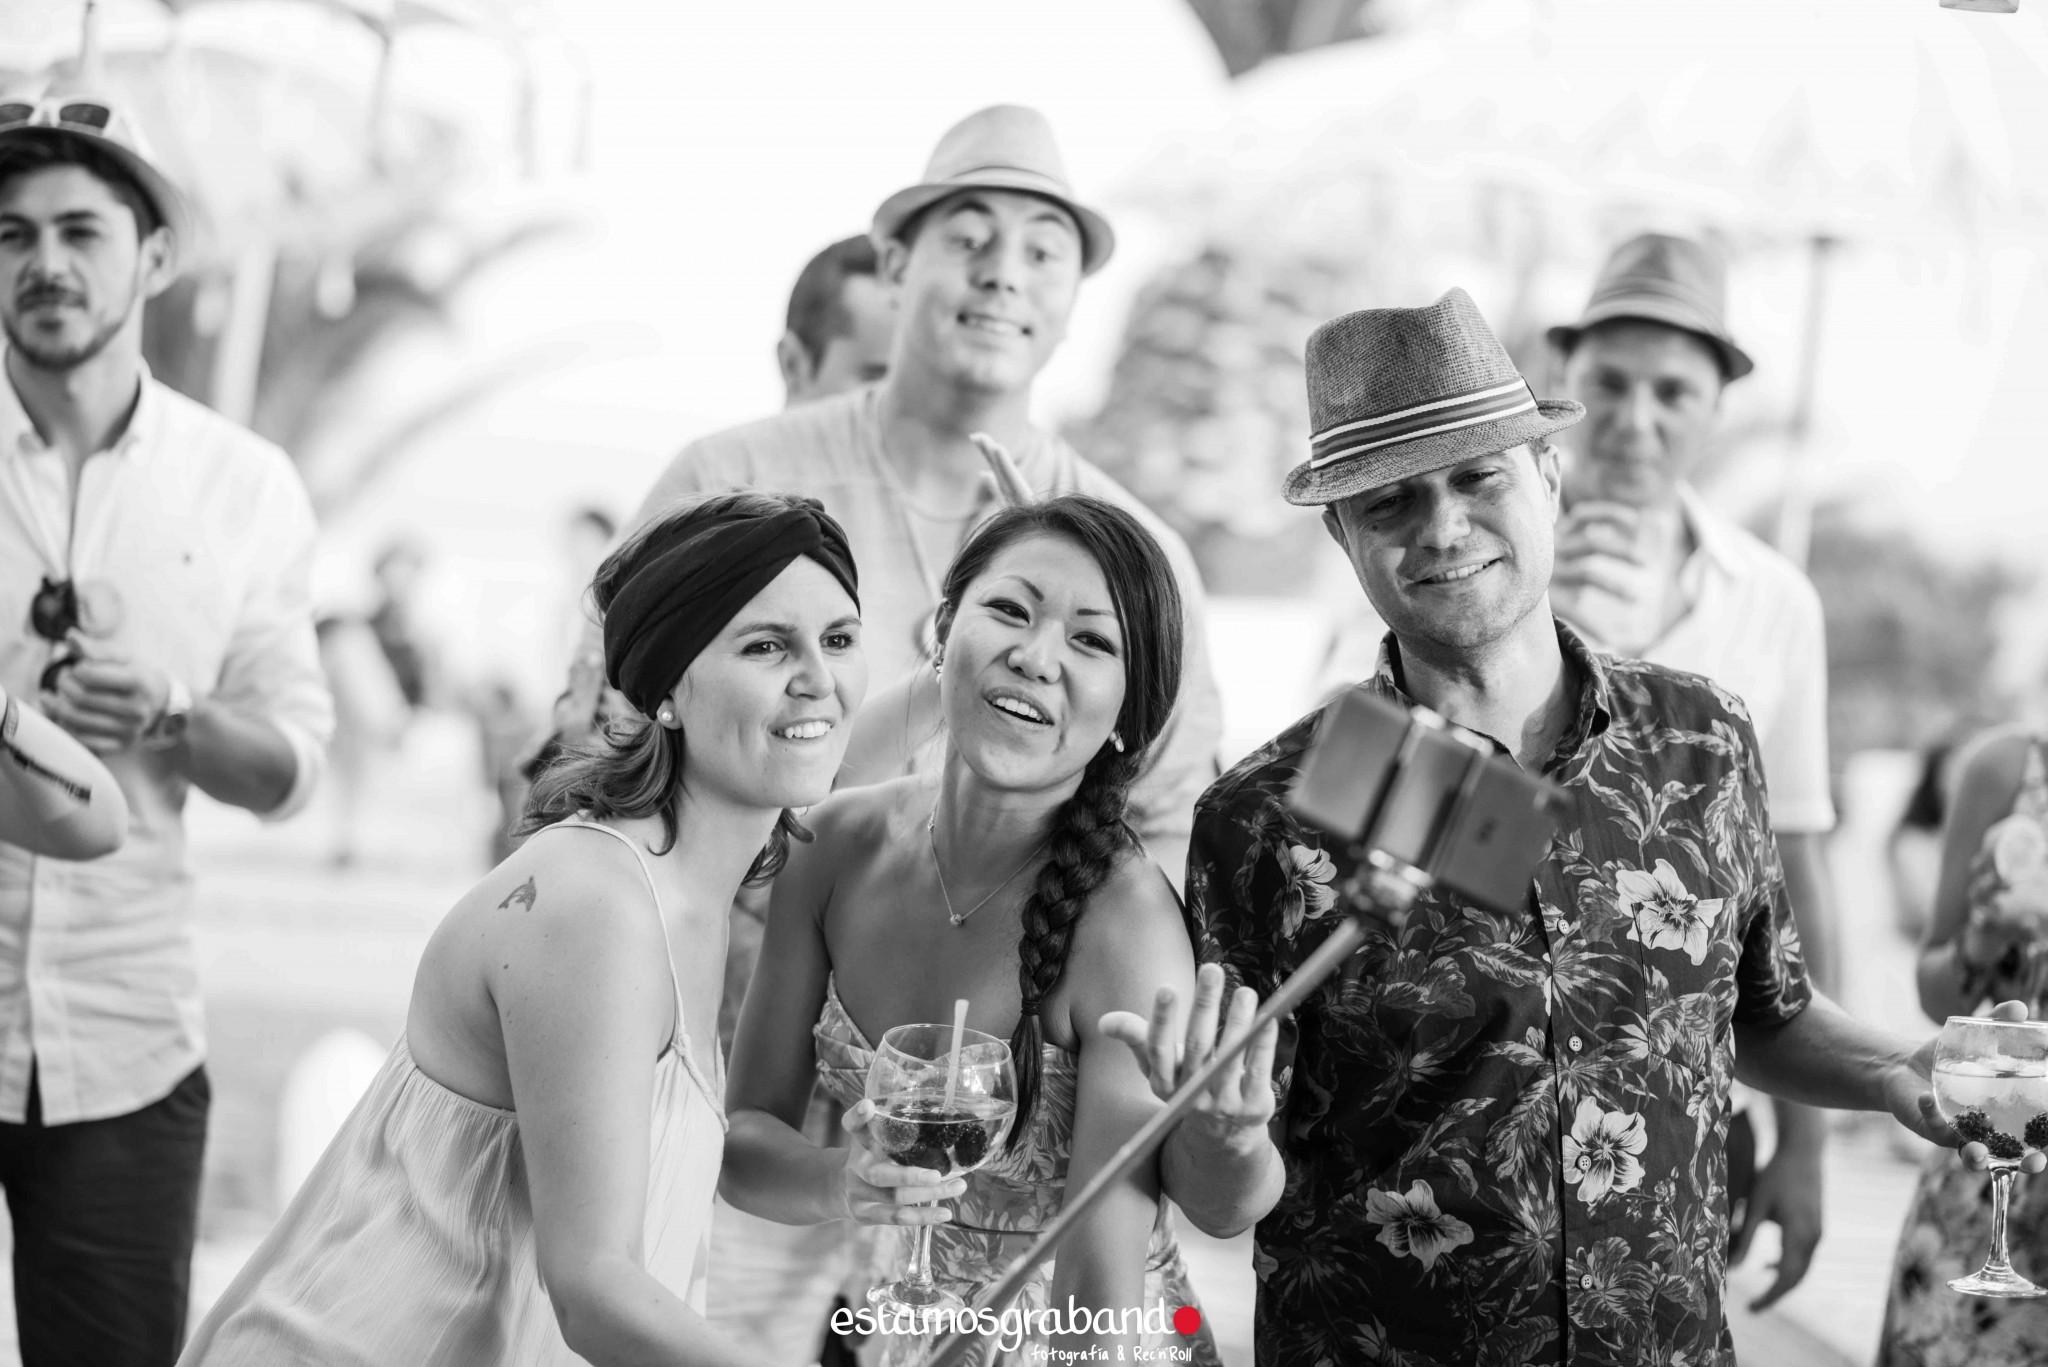 Alba-y-Jose-BTTW-58 Los invitados de Alba & Jose [Back to the wedding_Atlanterra, Zahara de los Atunes] - video boda cadiz